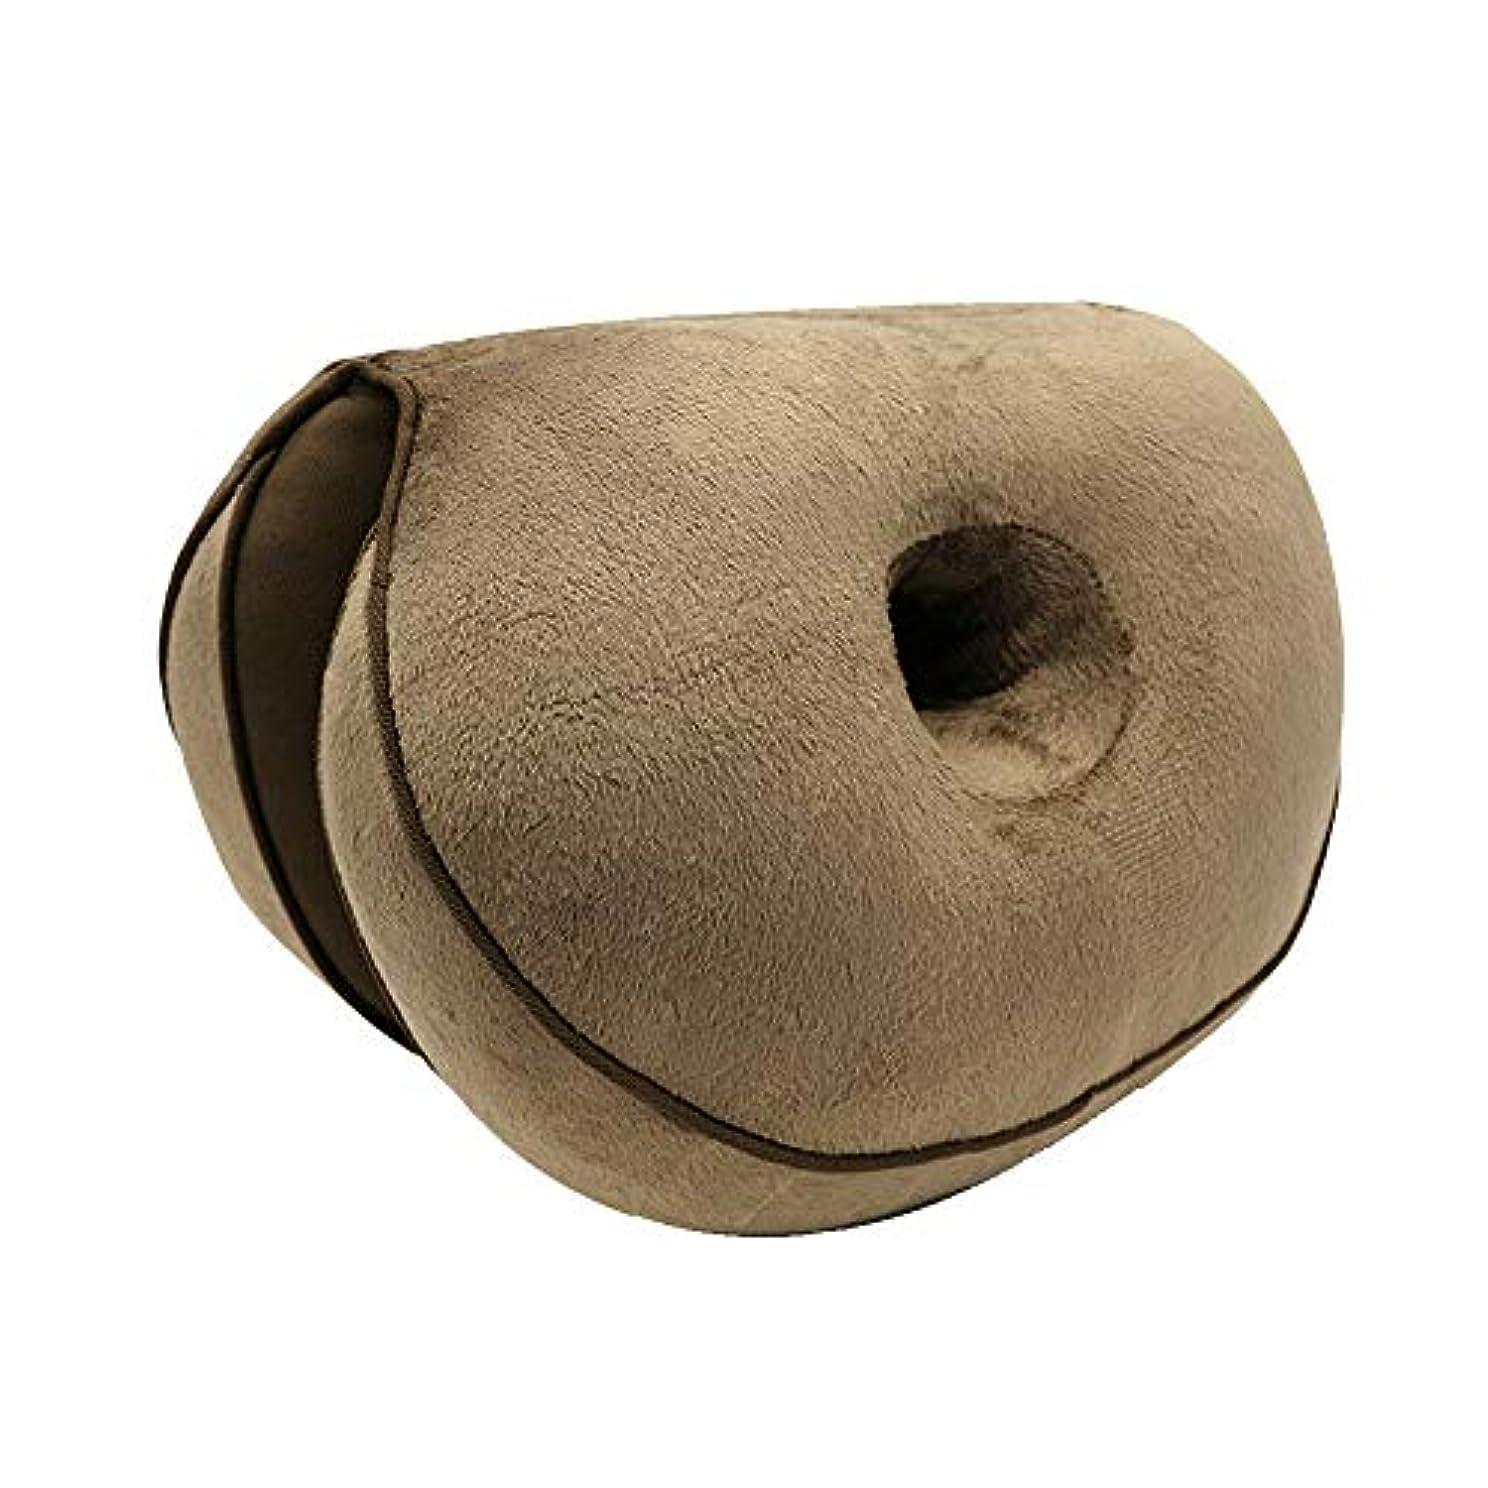 リスキーな狂乱トレイルLIFE 新デュアルシートクッション低反発ラテックスオフィスチェアバックシートクッション快適な臀部マットパッド枕旅行枕女性女の子 クッション 椅子